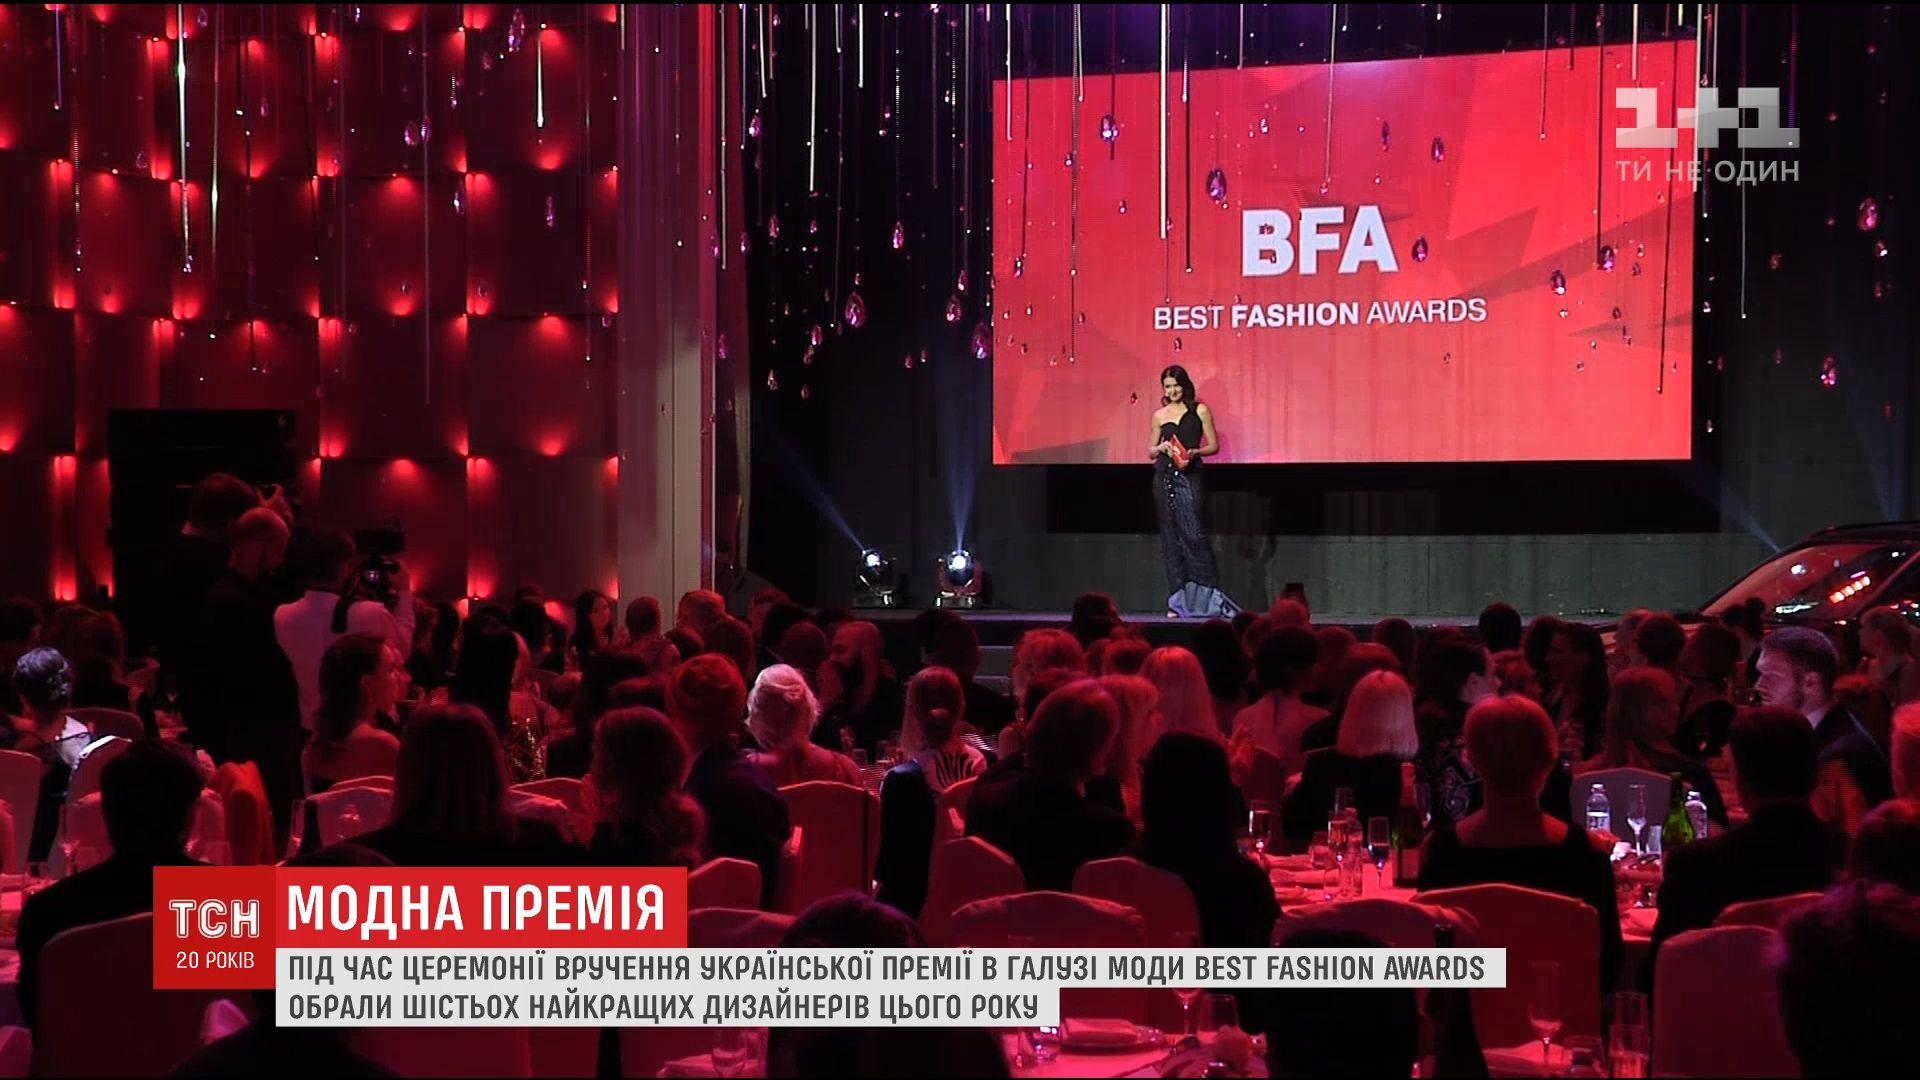 Best Fashion Awards-2017: названы имена лучших дизайнеров Украины